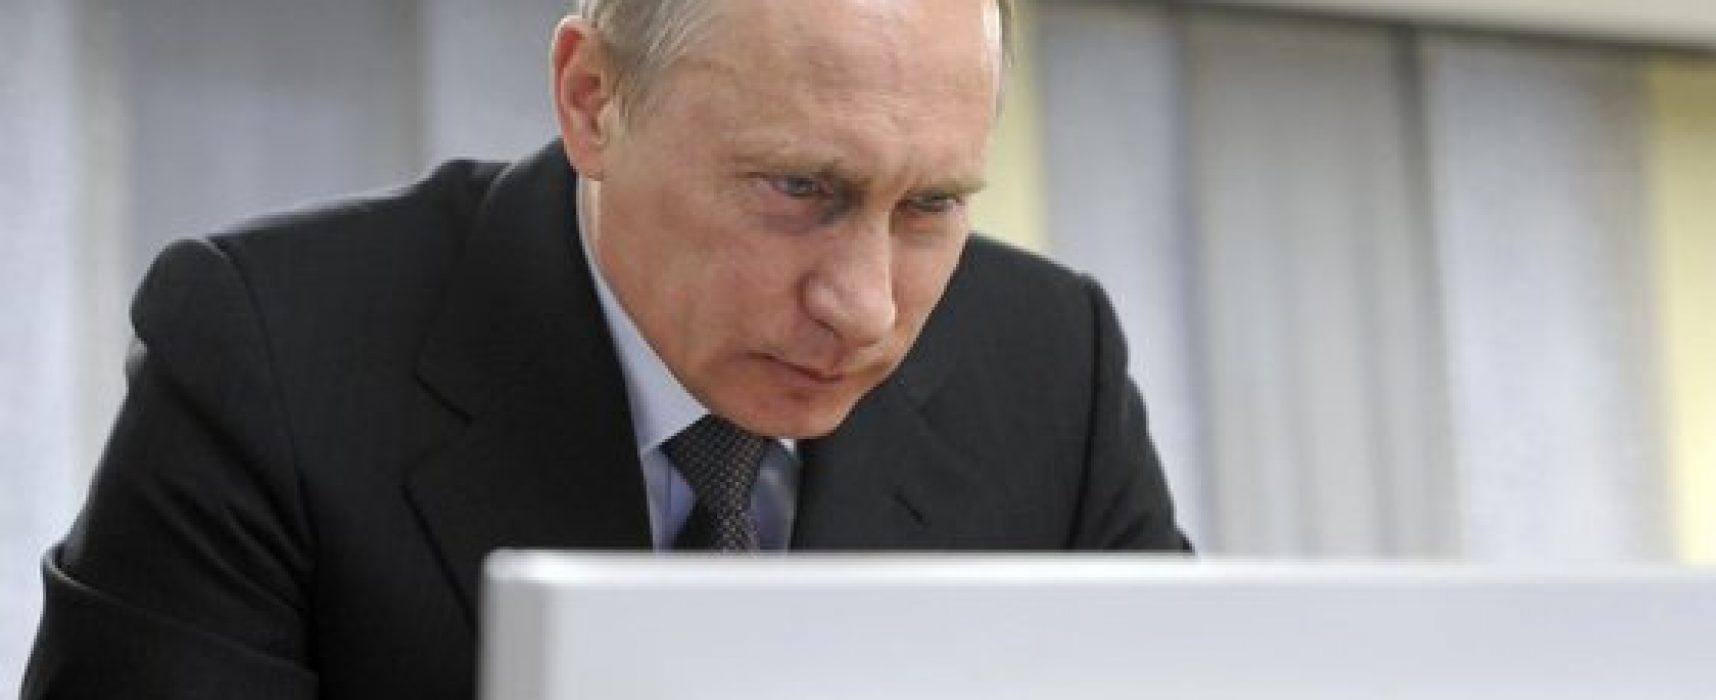 МВД, ФСБ и Путин начали следить за телеграм-каналами — «Ведомости»